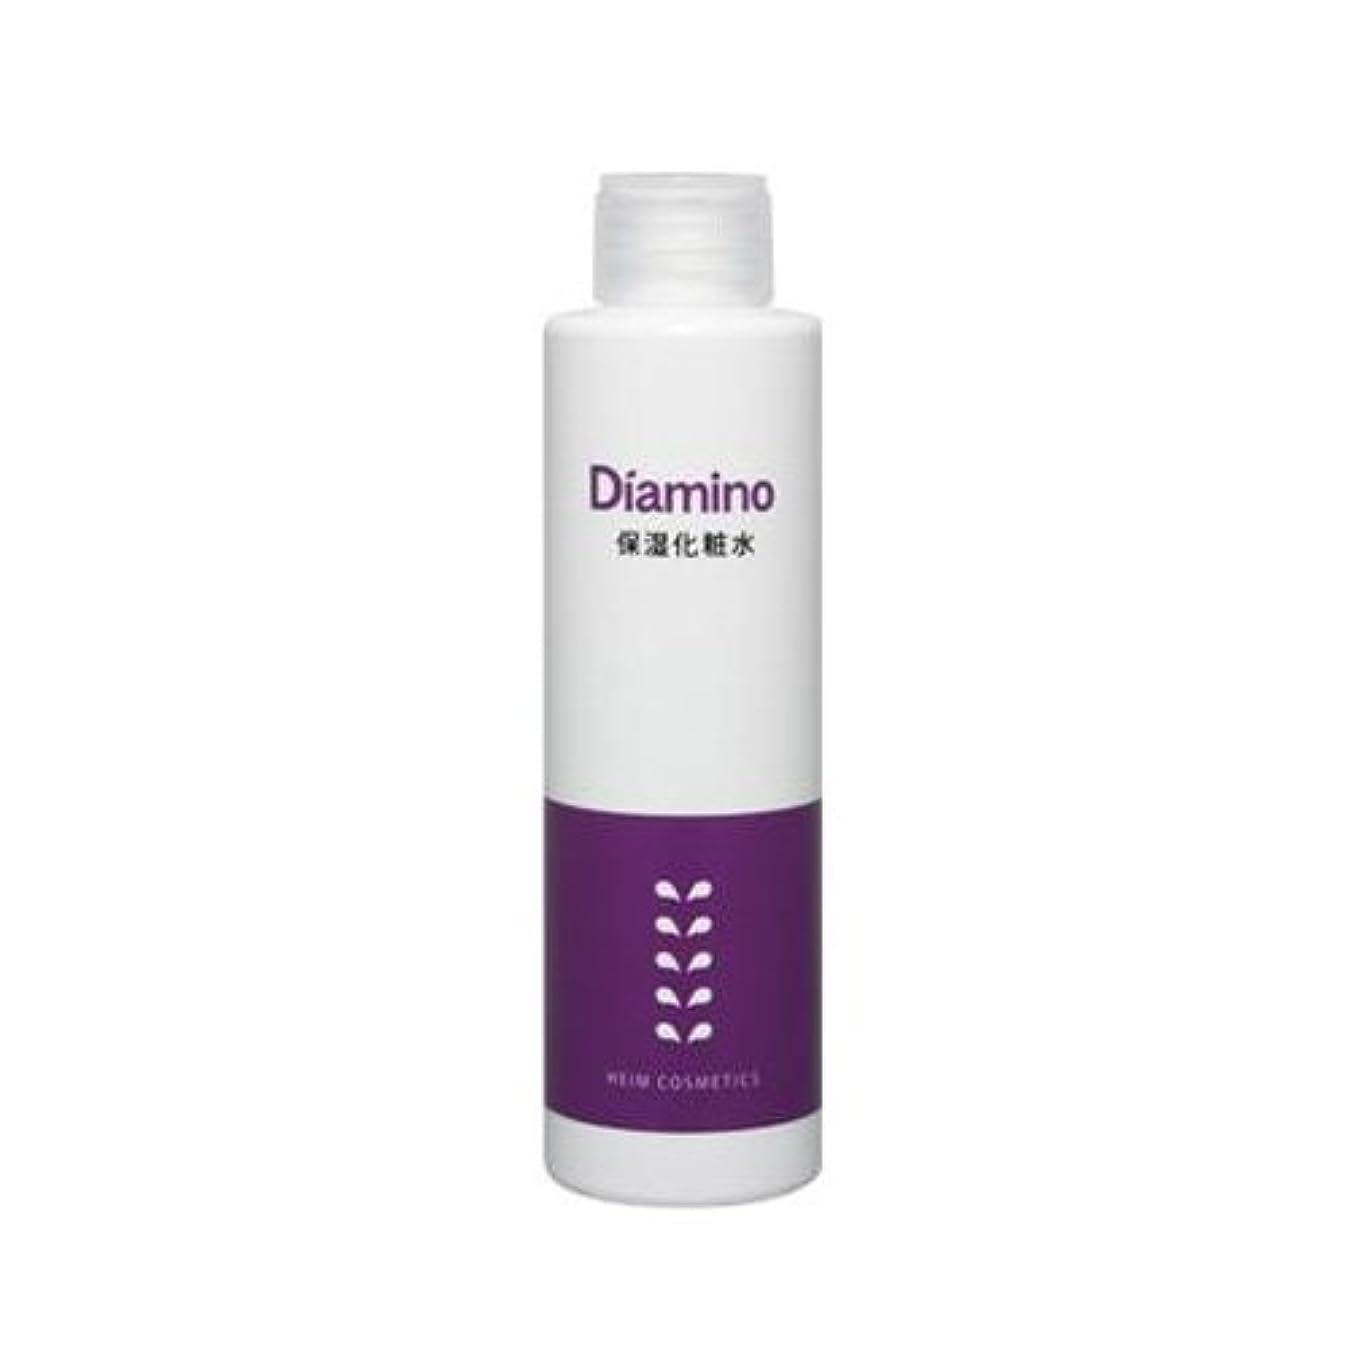 カイウスガイドパトロンハイム ディアミノ 保湿化粧水 150ml